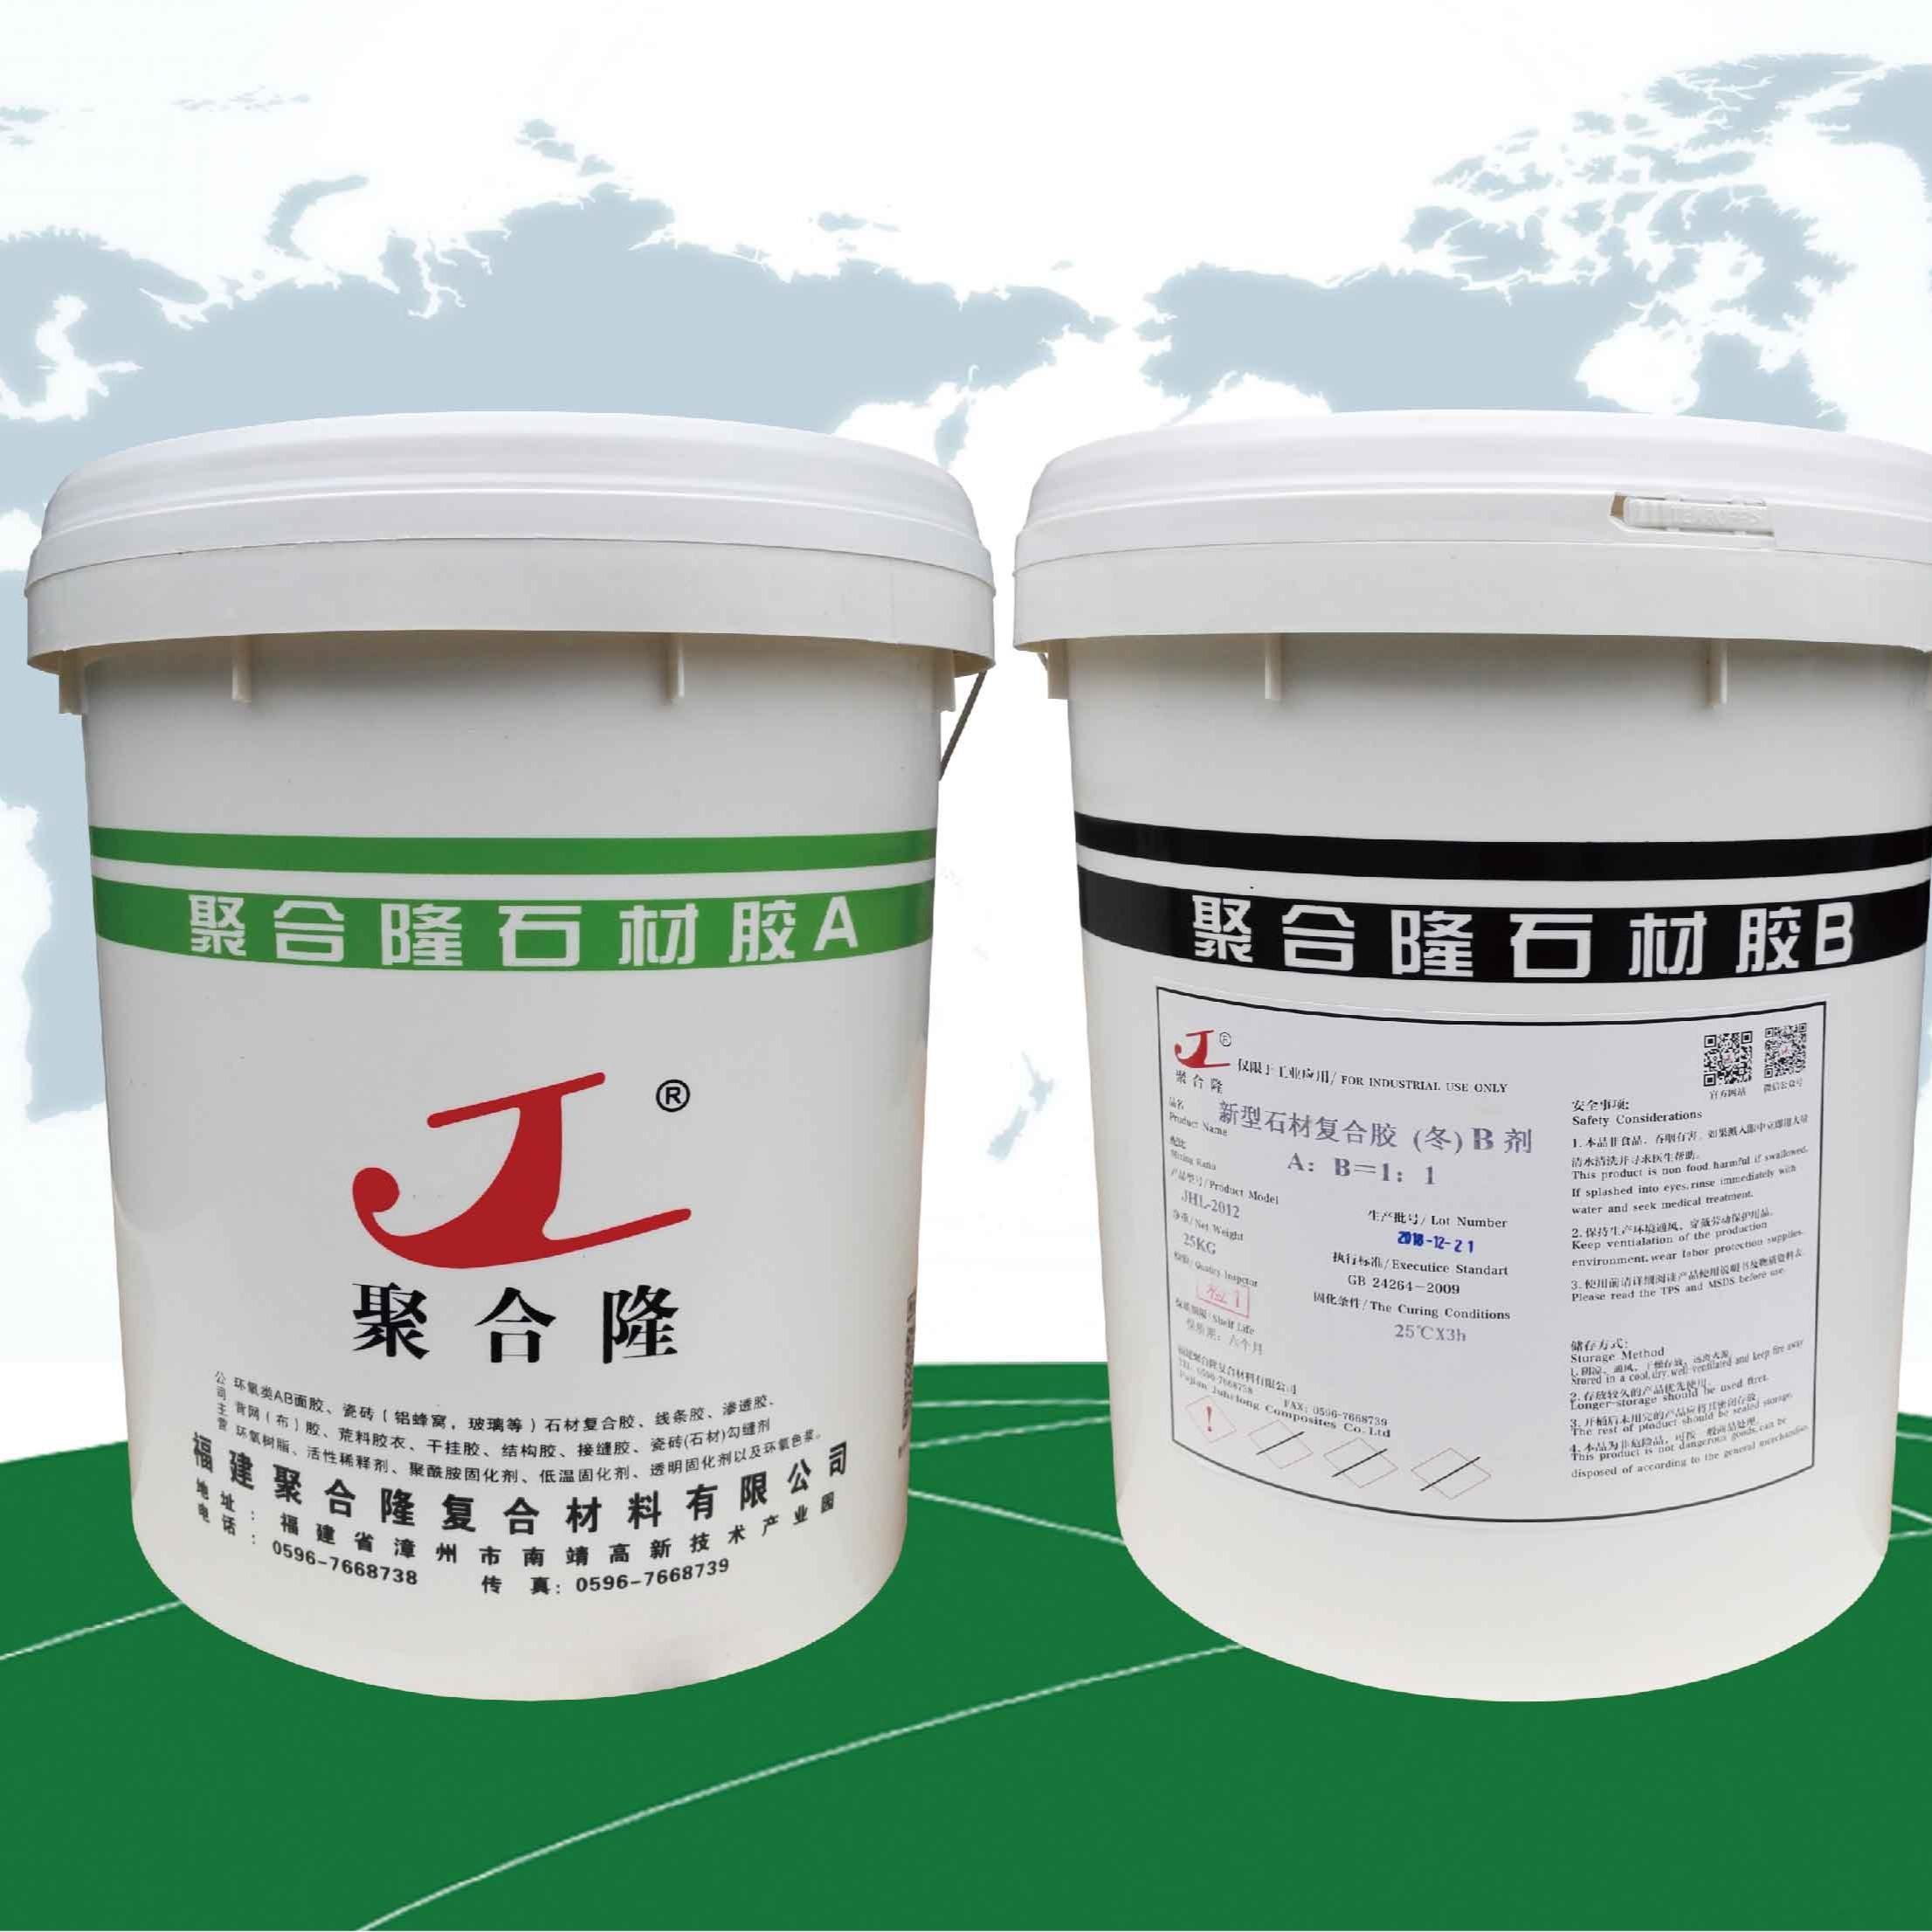 供应聚合隆石材ab胶 大理石花岗岩玉石瓷砖粘接牢固防水耐老化环氧树脂型AB胶水